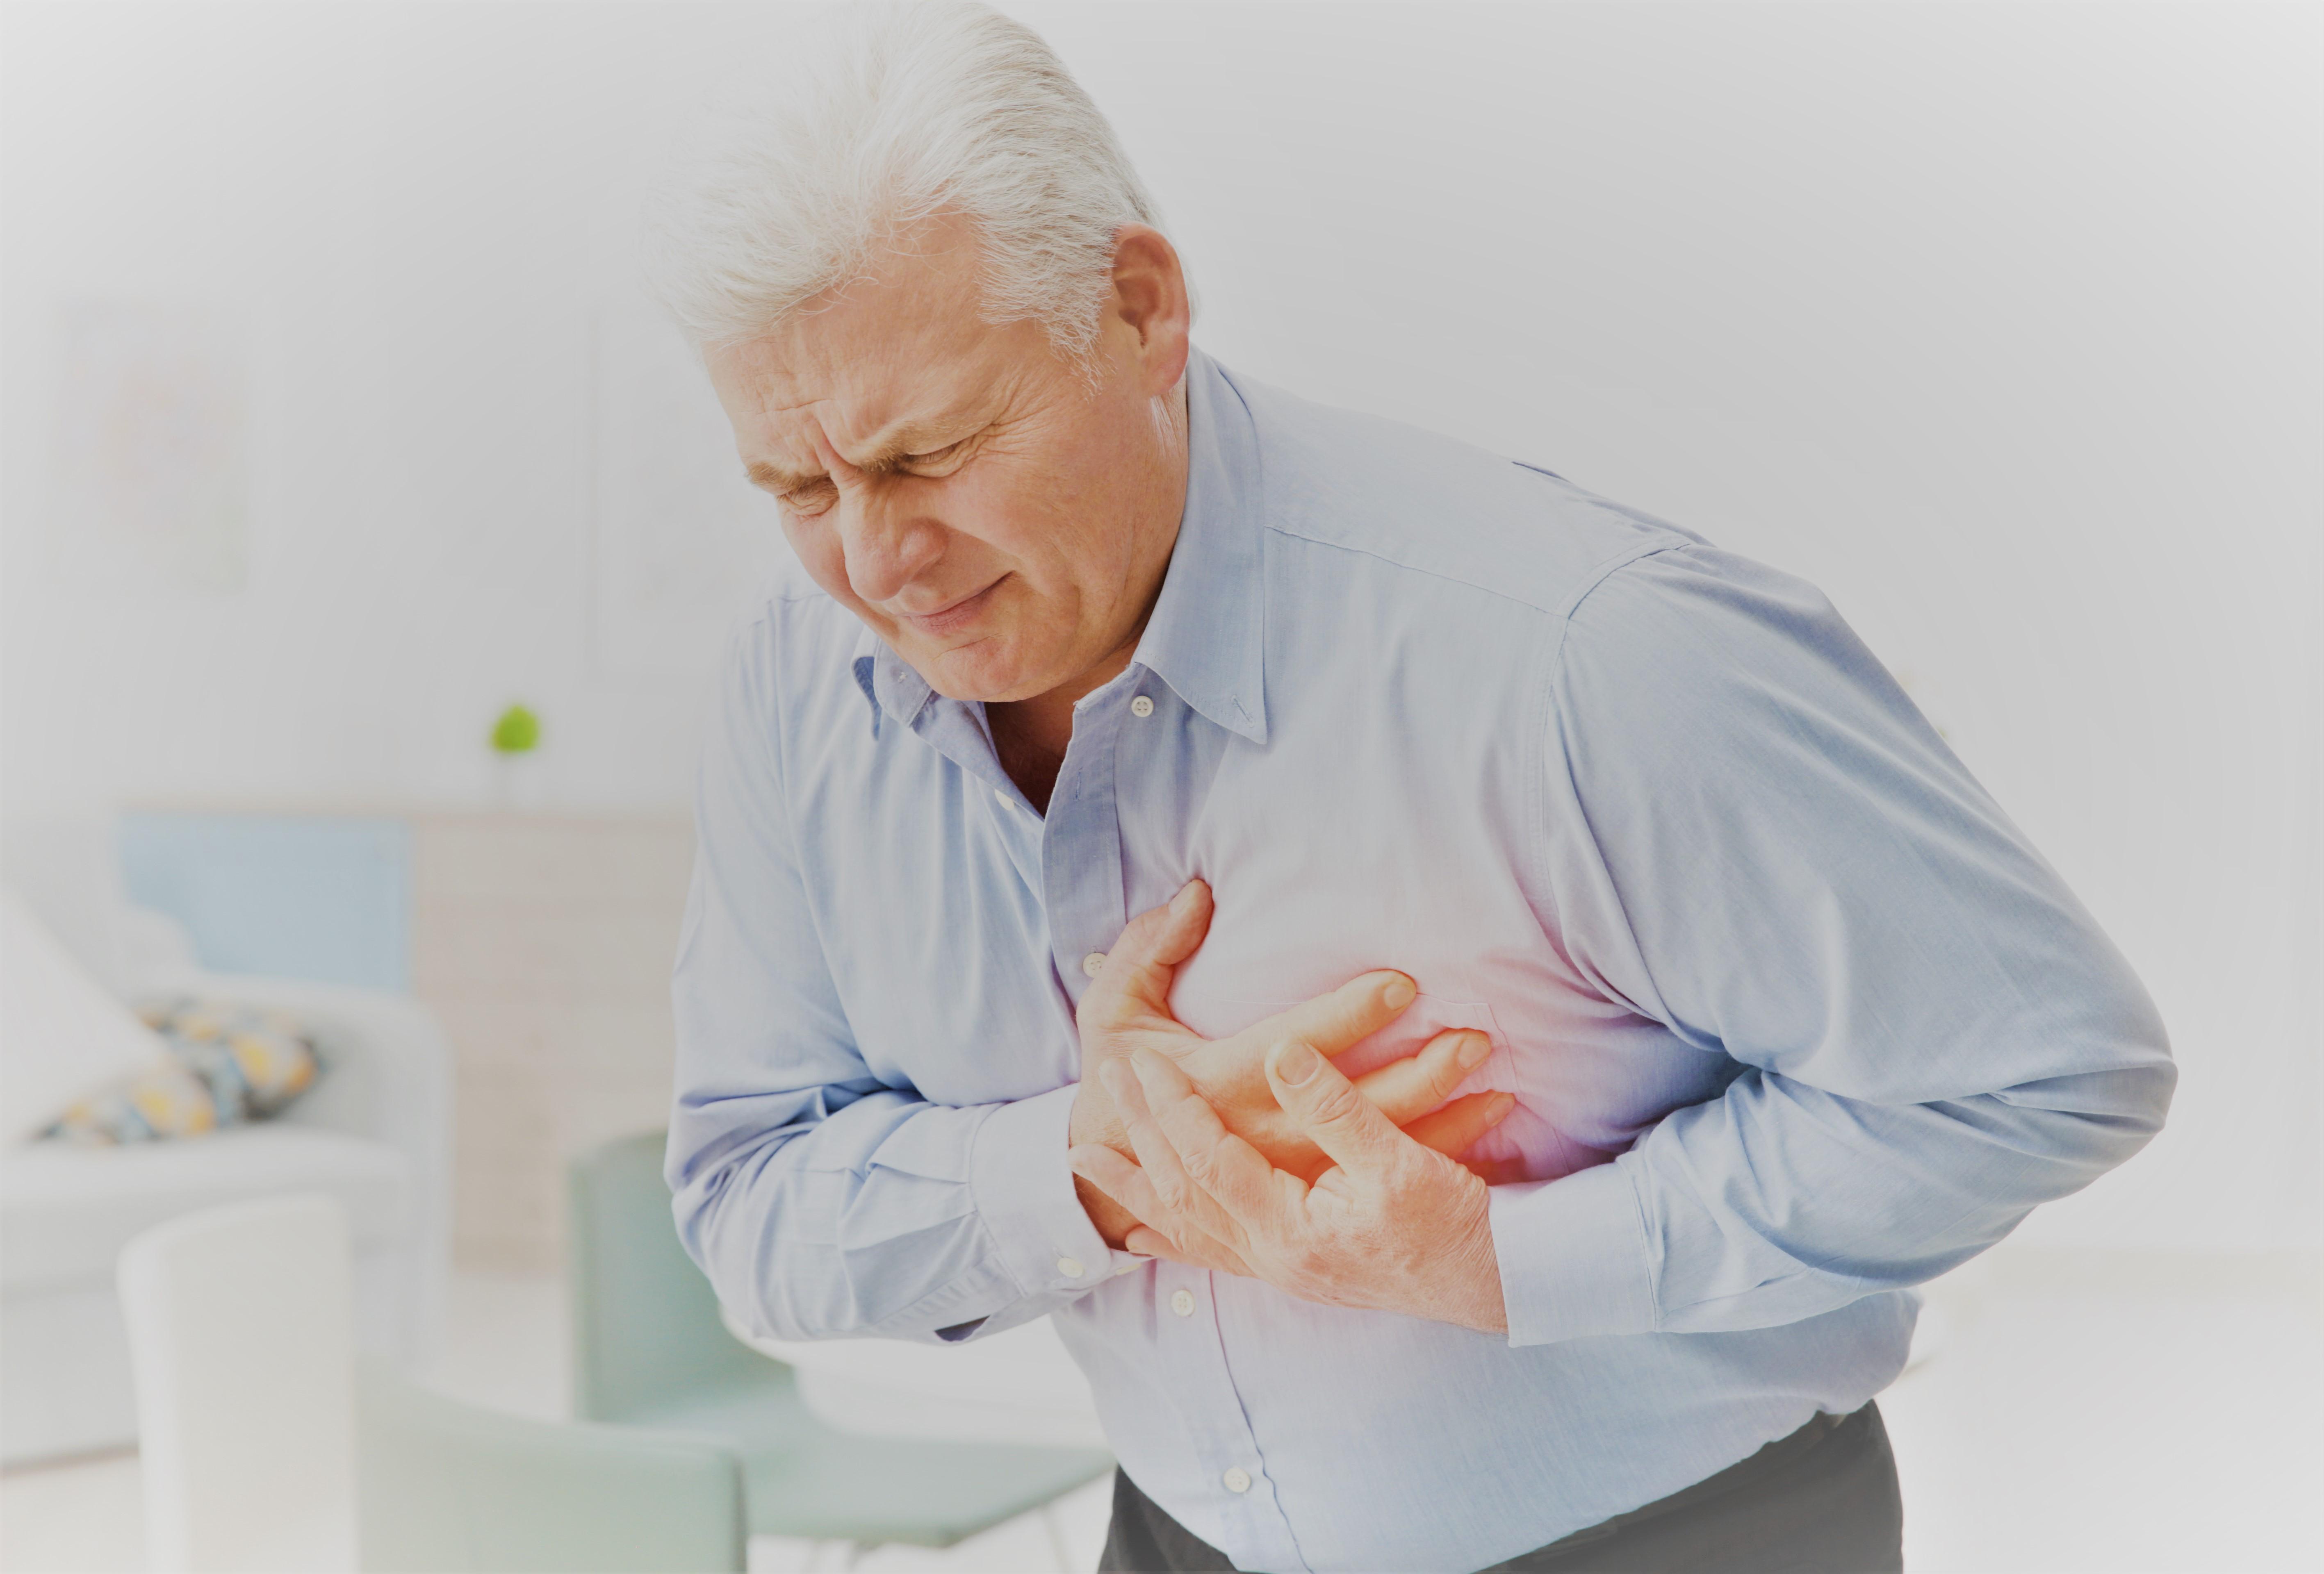 szembetegség magas vérnyomás magas vérnyomás 3 kockázat 3 kezelés